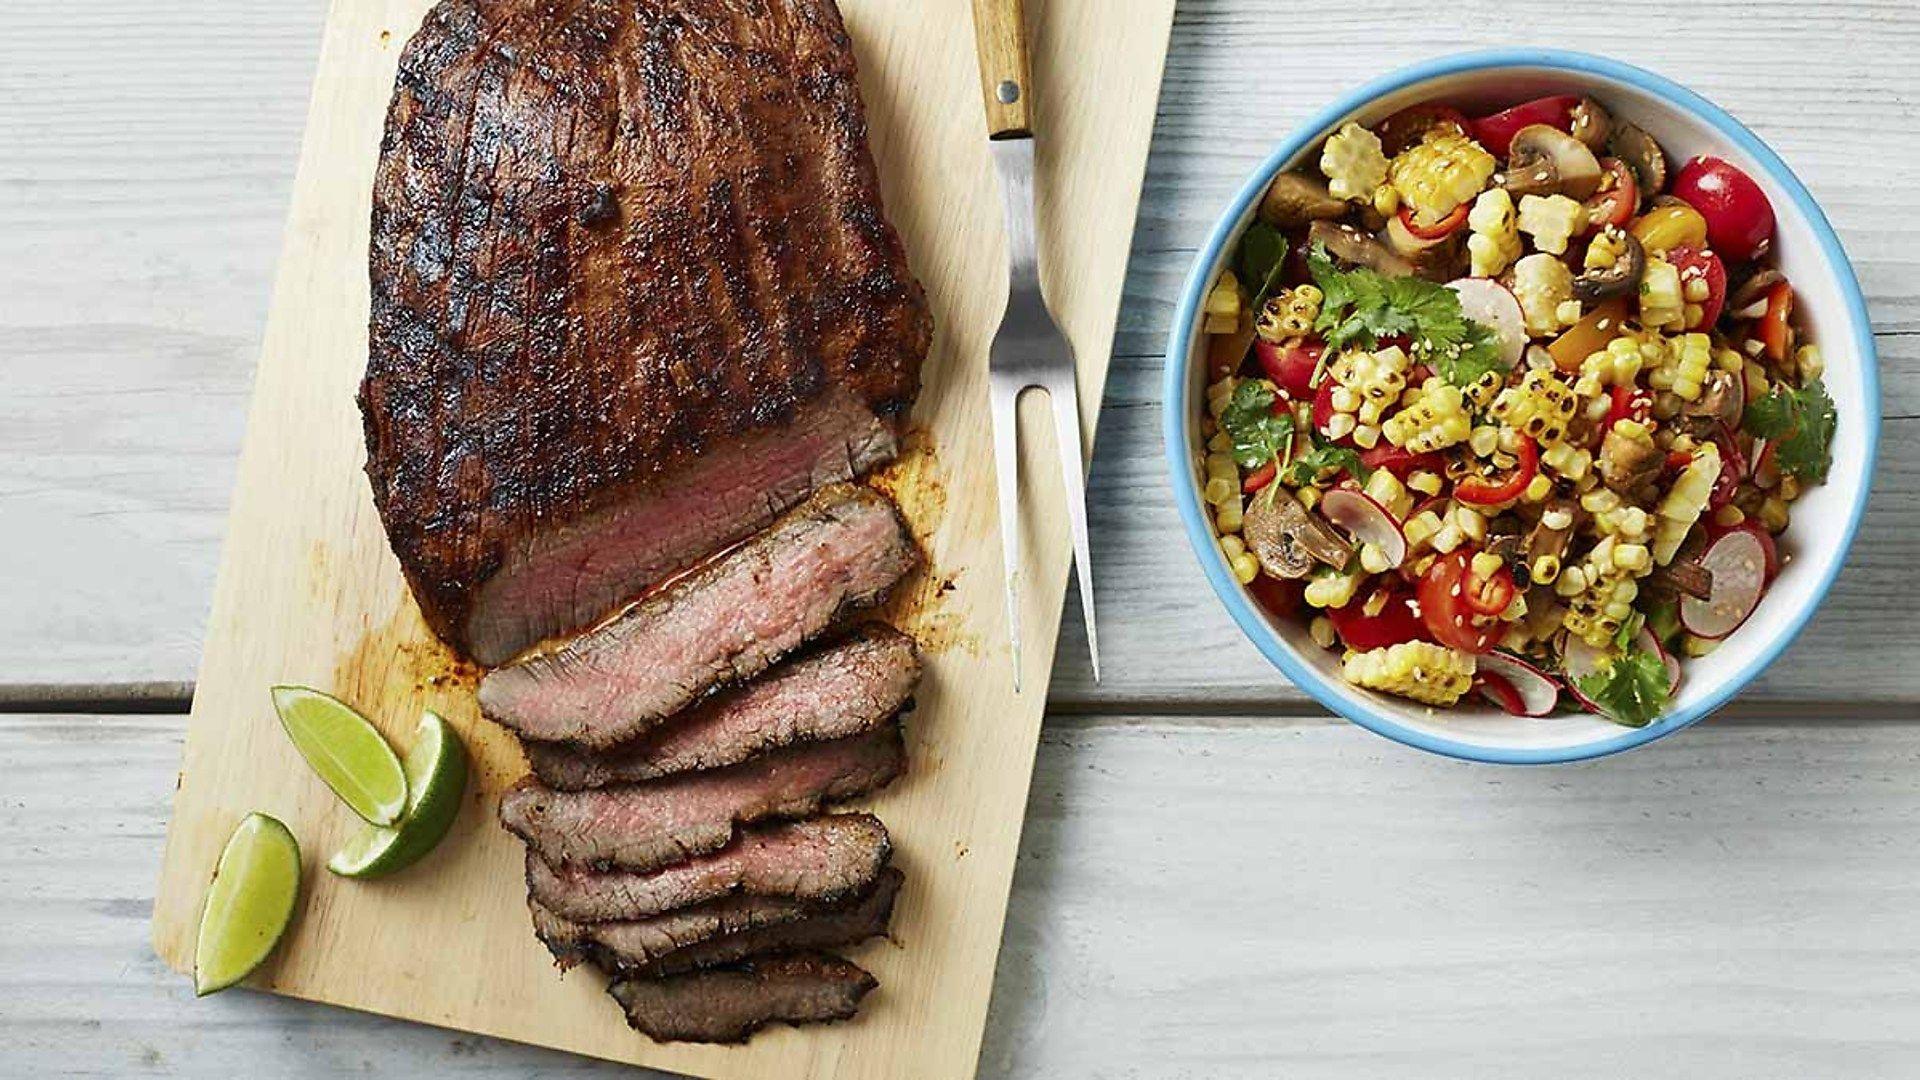 Mushroom Magazine 69: Chili-Lime Flank Steak